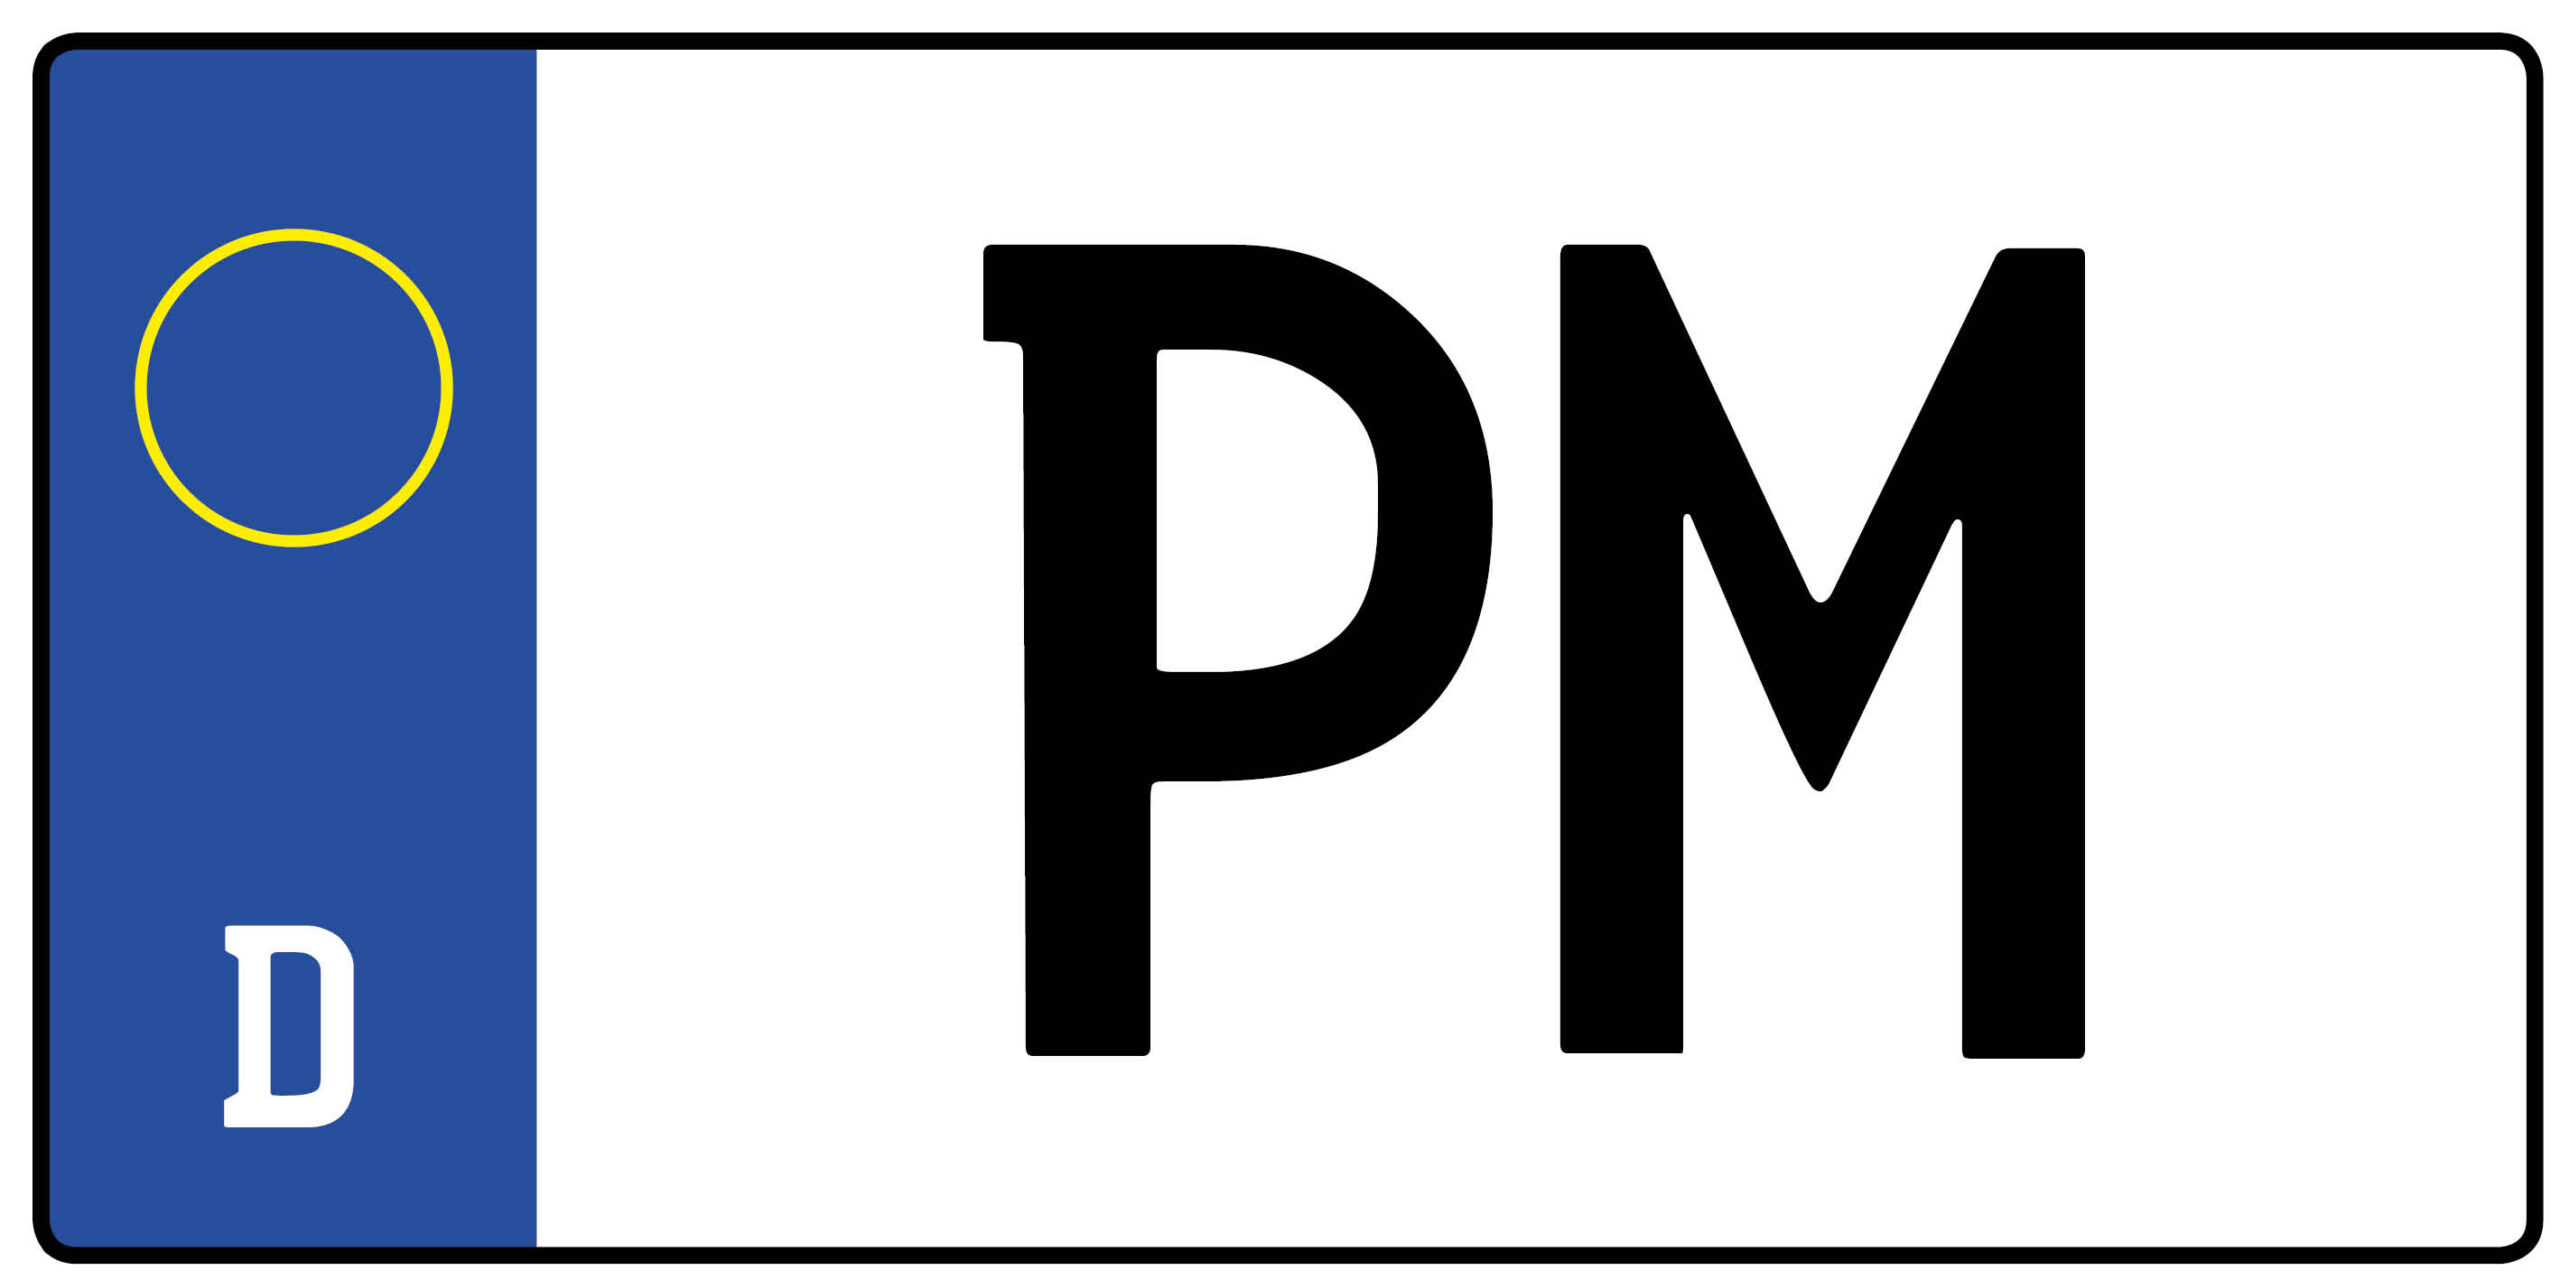 Wunschkennzeichen Pm